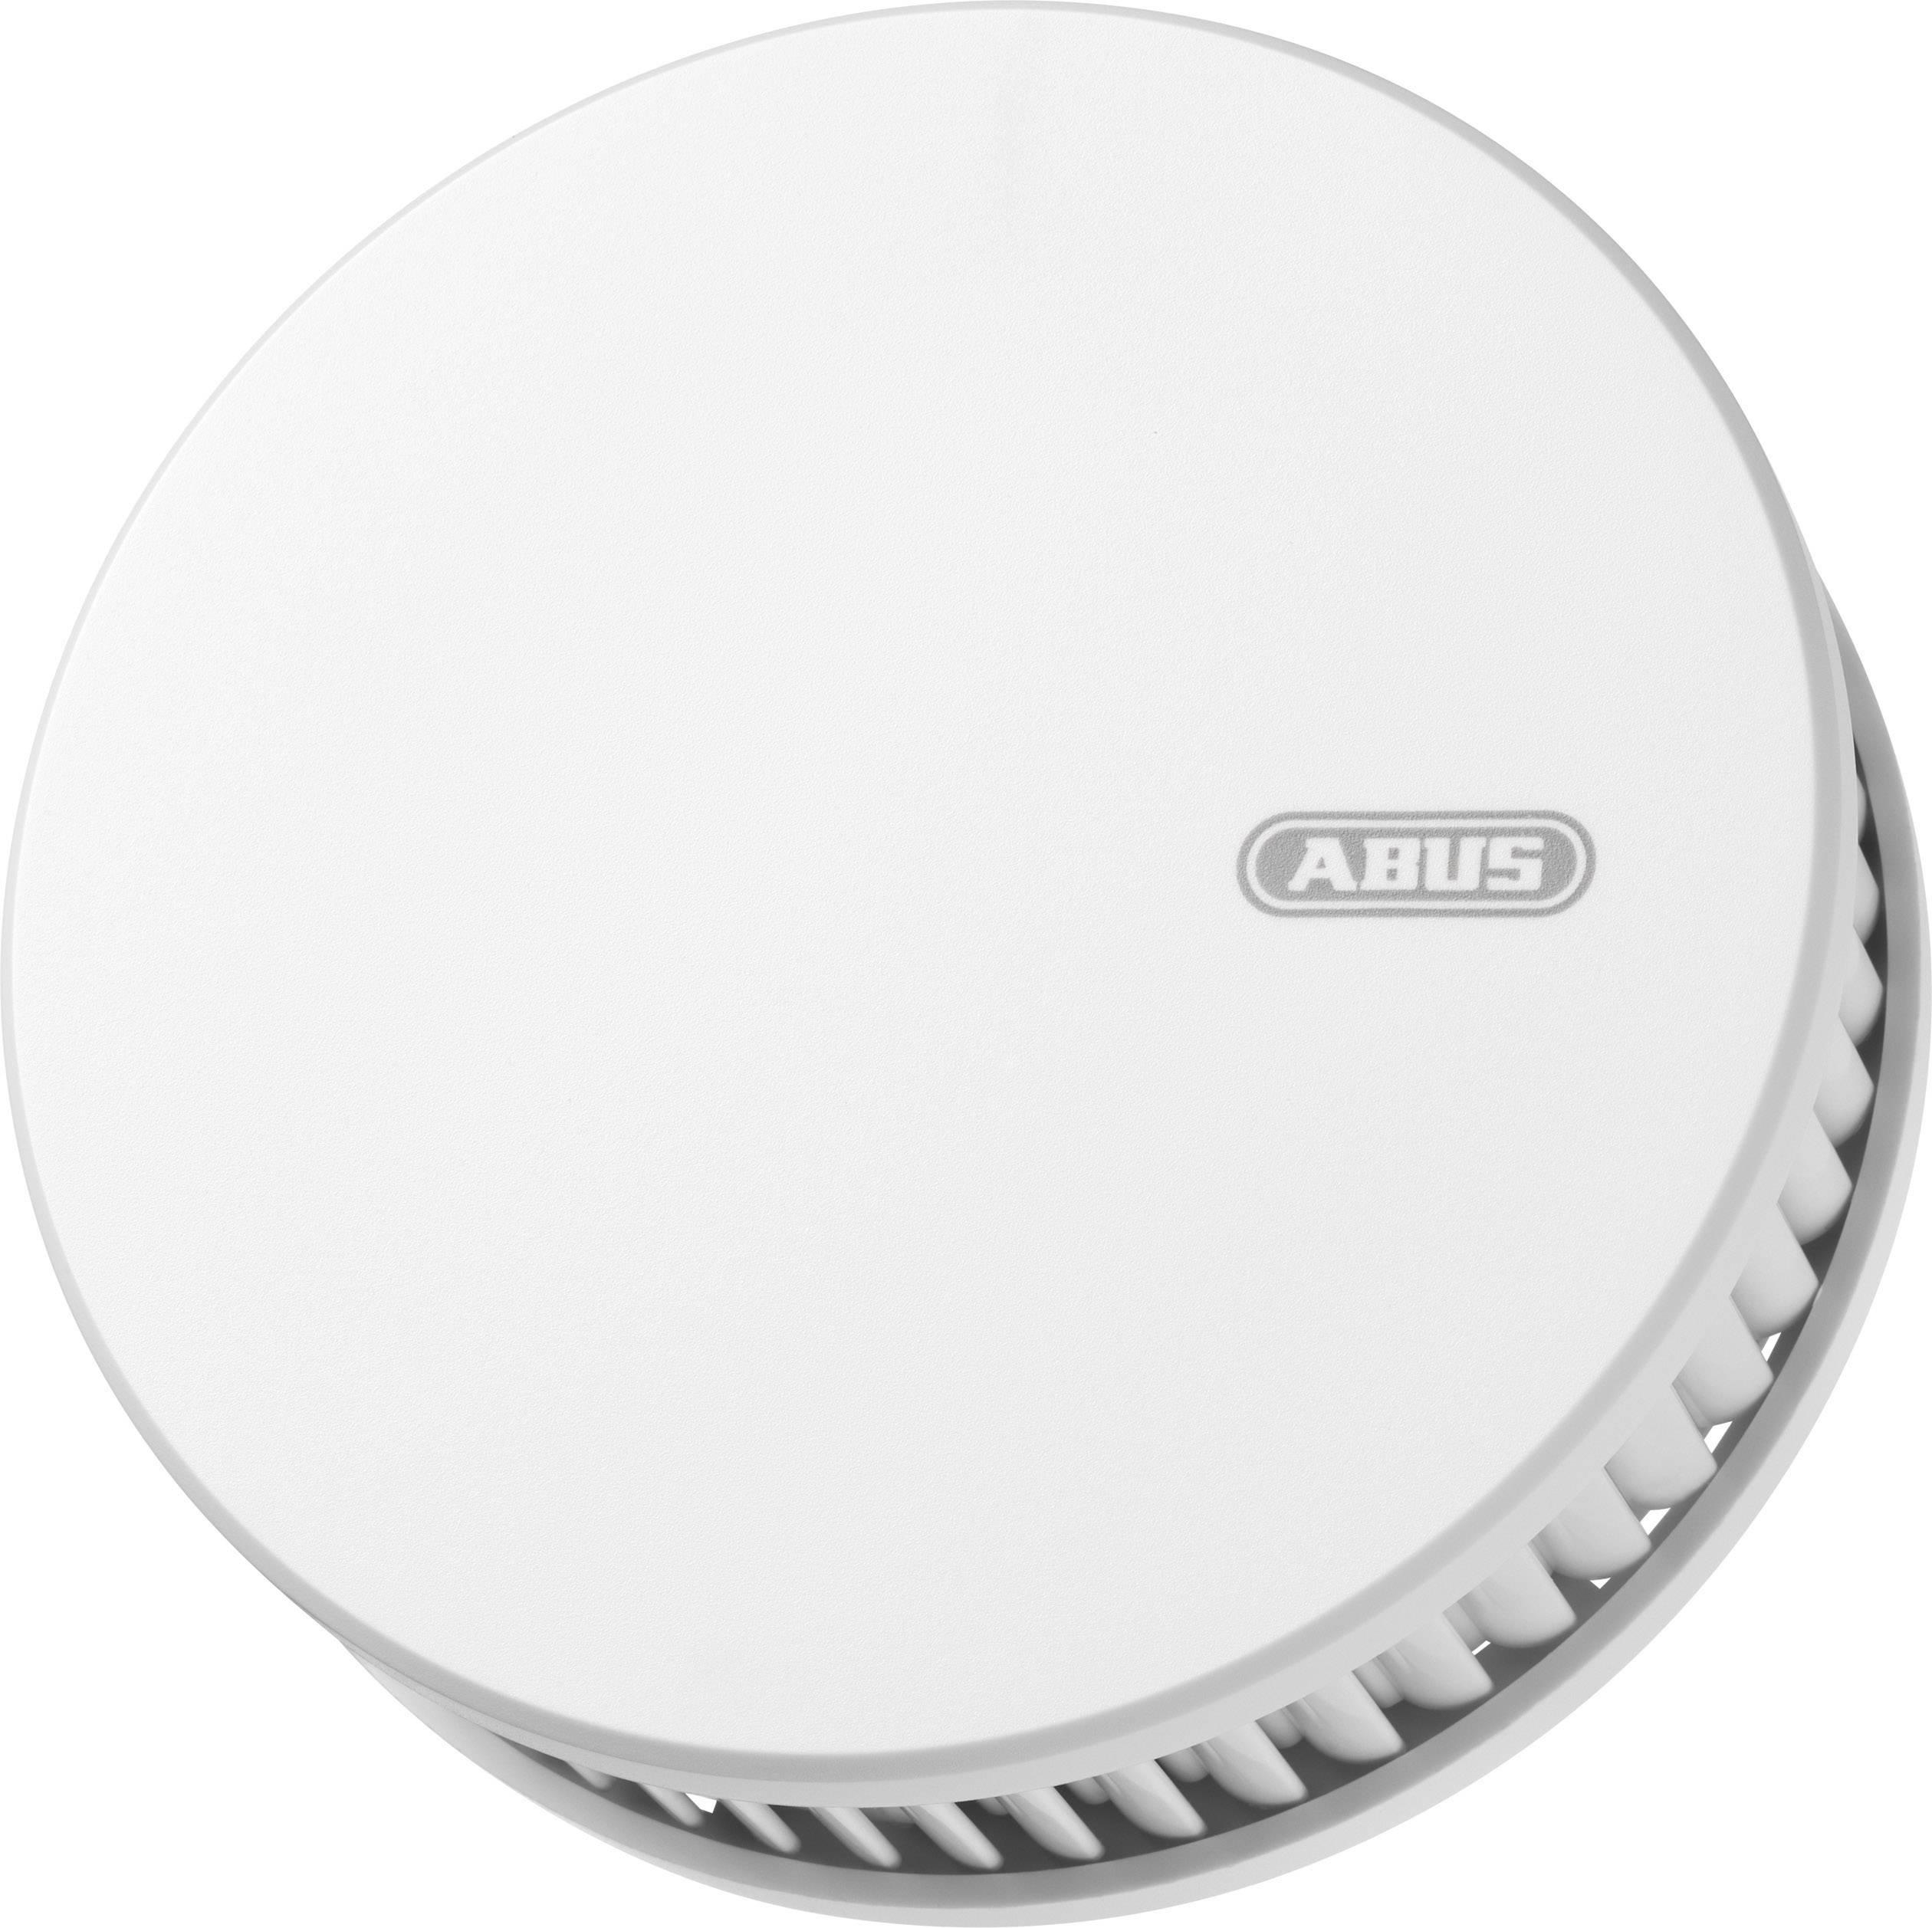 Bezdrátový detektor kouře a vysokých teplot ABUS RWM450, vč. baterie s životností 12 let , vč. magnetického upevnění, možnost vzájemného propojení